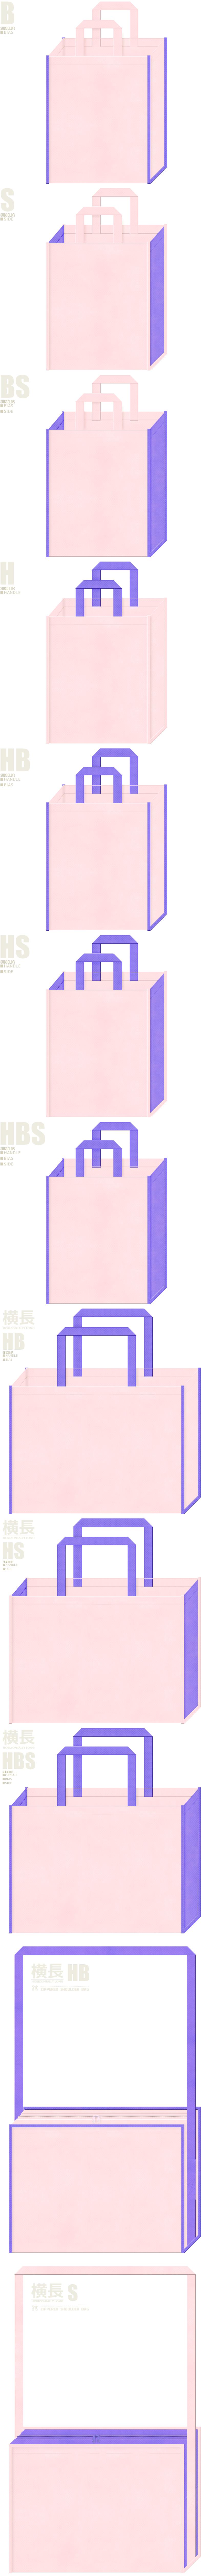 桜色と明るめの紫色、7パターンの不織布トートバッグ配色デザイン例。福祉・介護セミナー・介護用品の展示会用バッグにお奨めです。